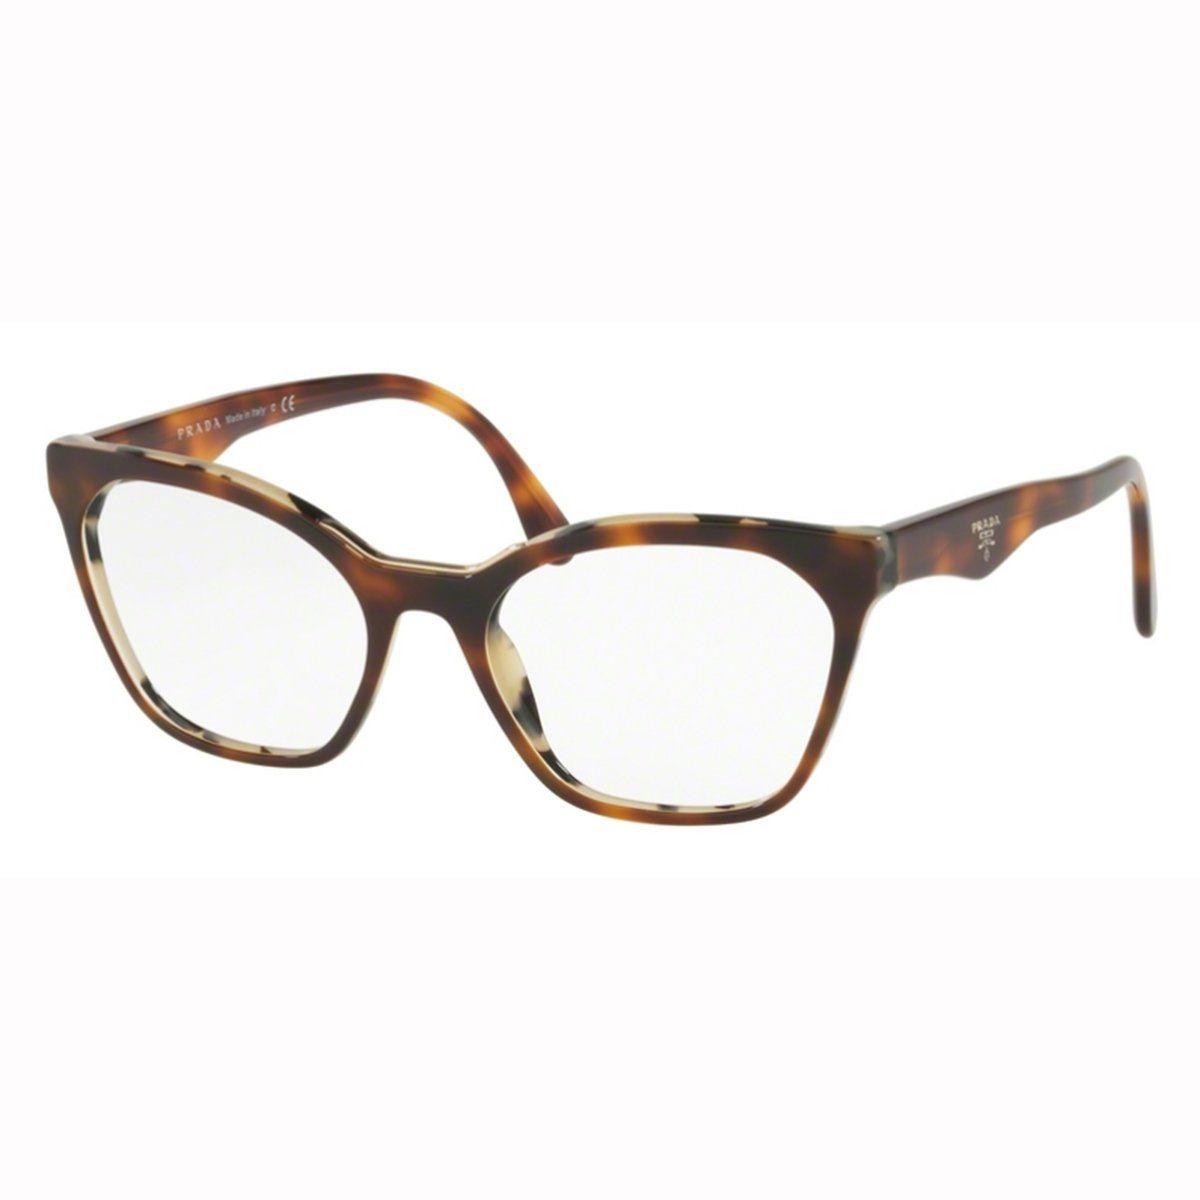 6353ffe83 Armação Óculos De Grau Feminino Prada Vpr09u Th8-101 - R$ 879,00 em ...